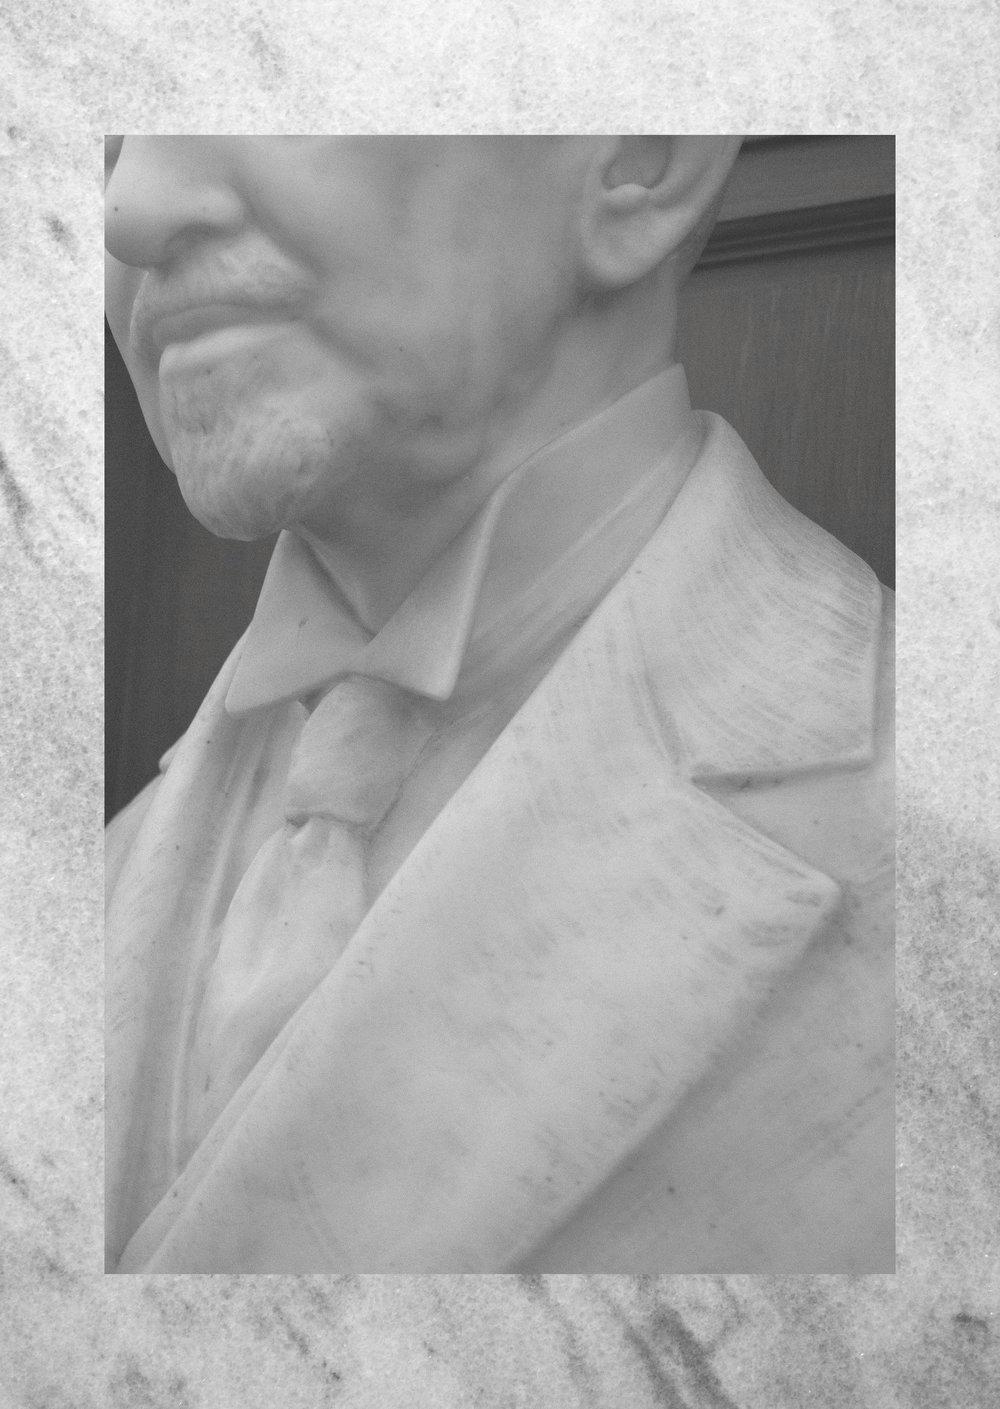 statue_n_marble-2.jpg